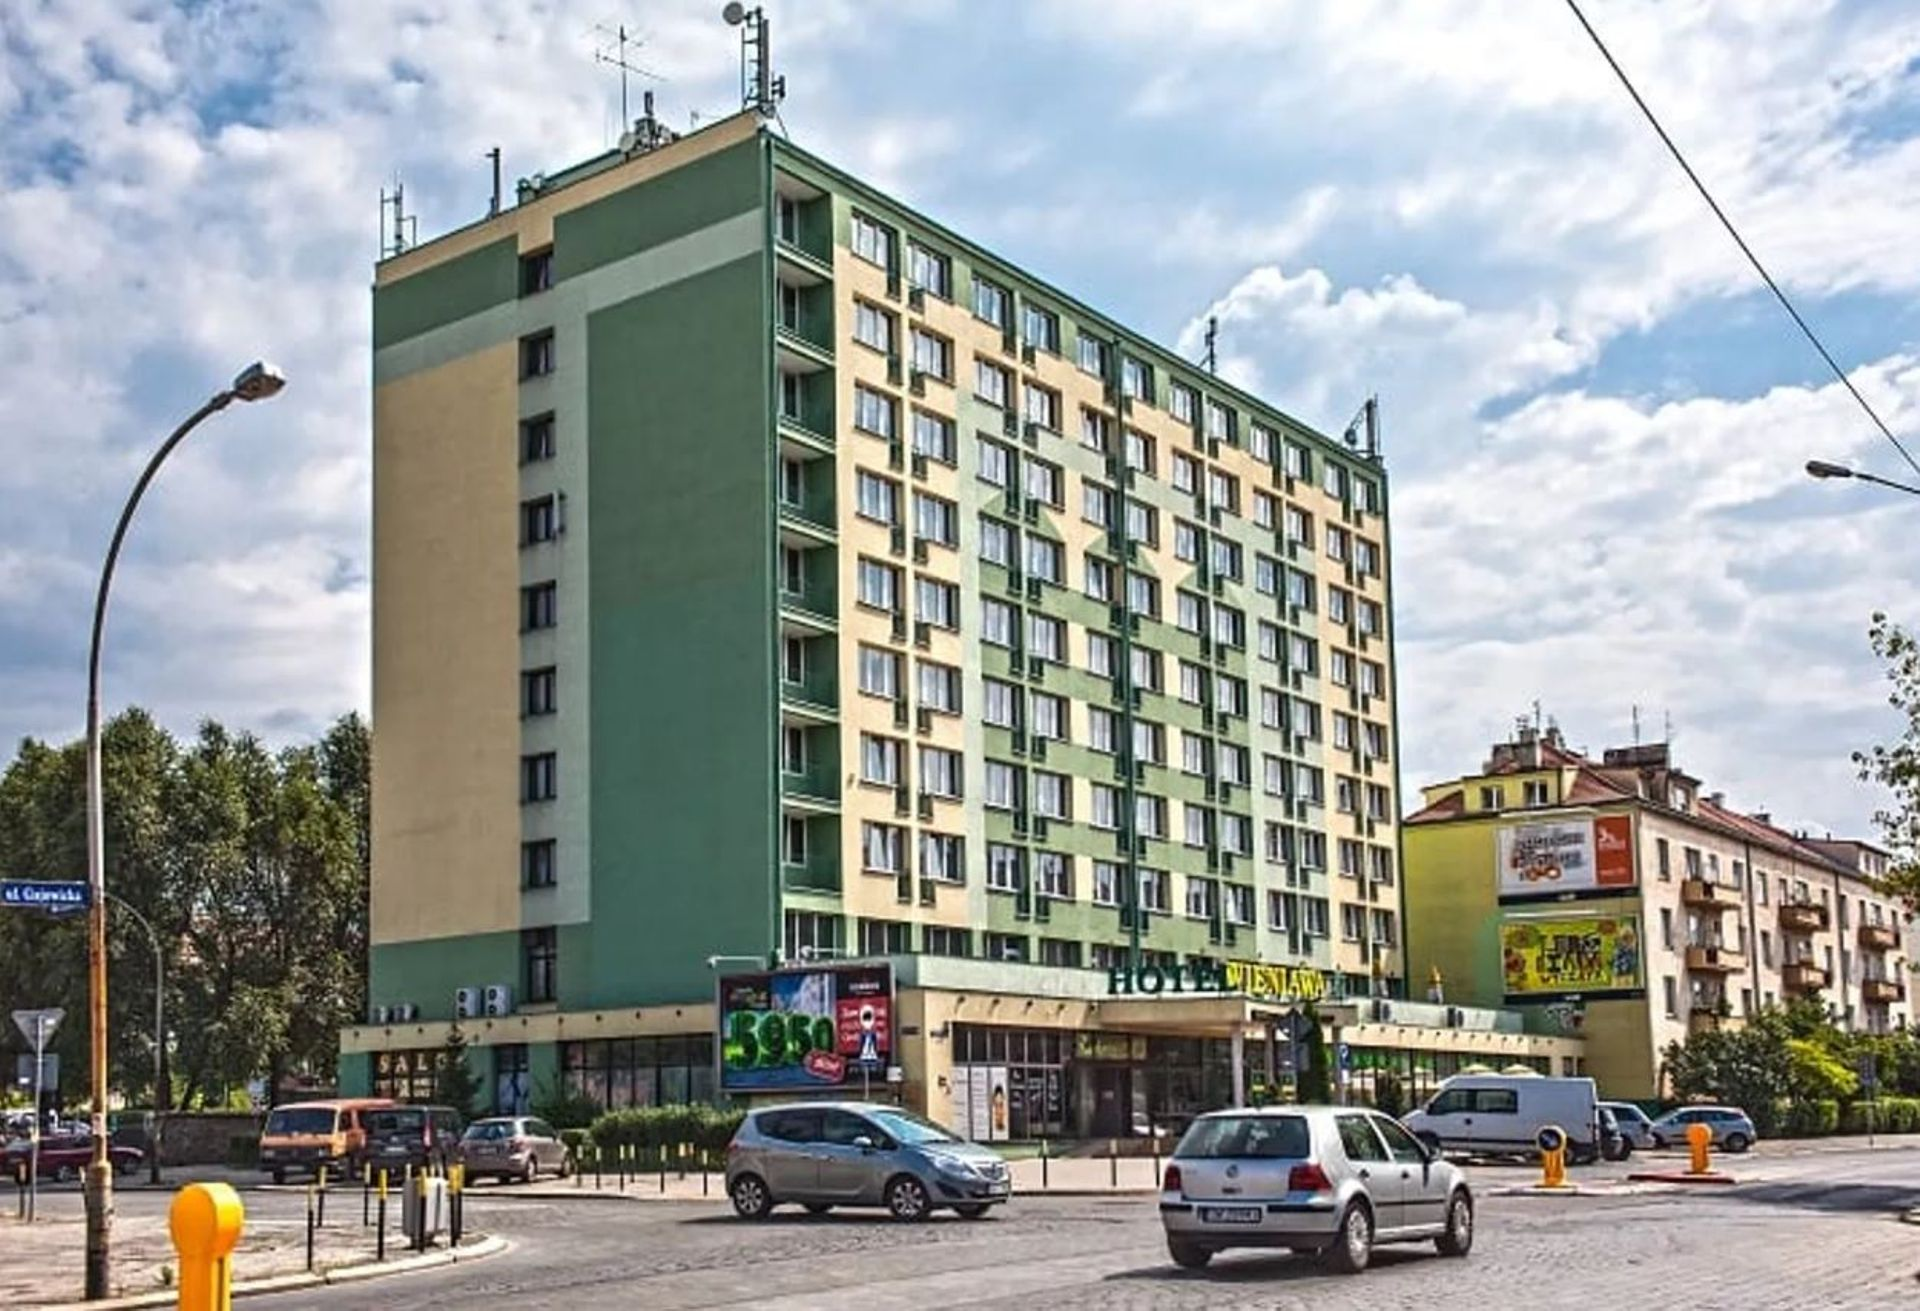 W miejsce hotelu Wieniawa miał powstać Sheraton. Na razie powstanie tam izolatorium dla zakażonych koronawirusem